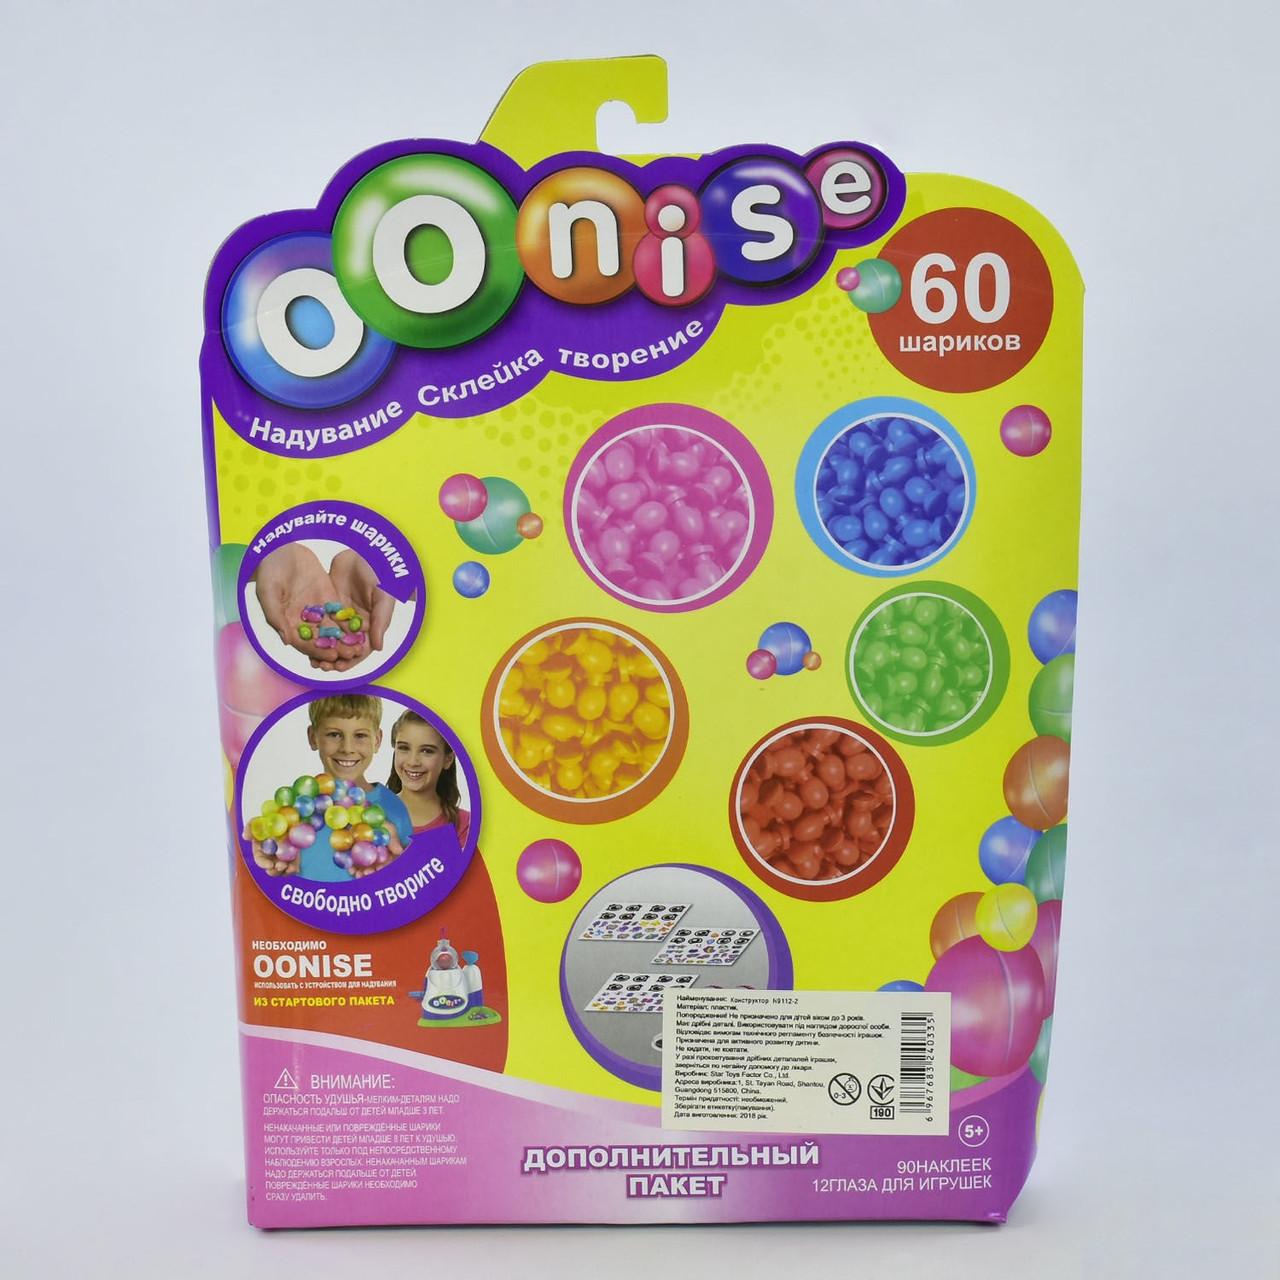 Дополнительный комплект шаров к конструктору Oonies 60 штук